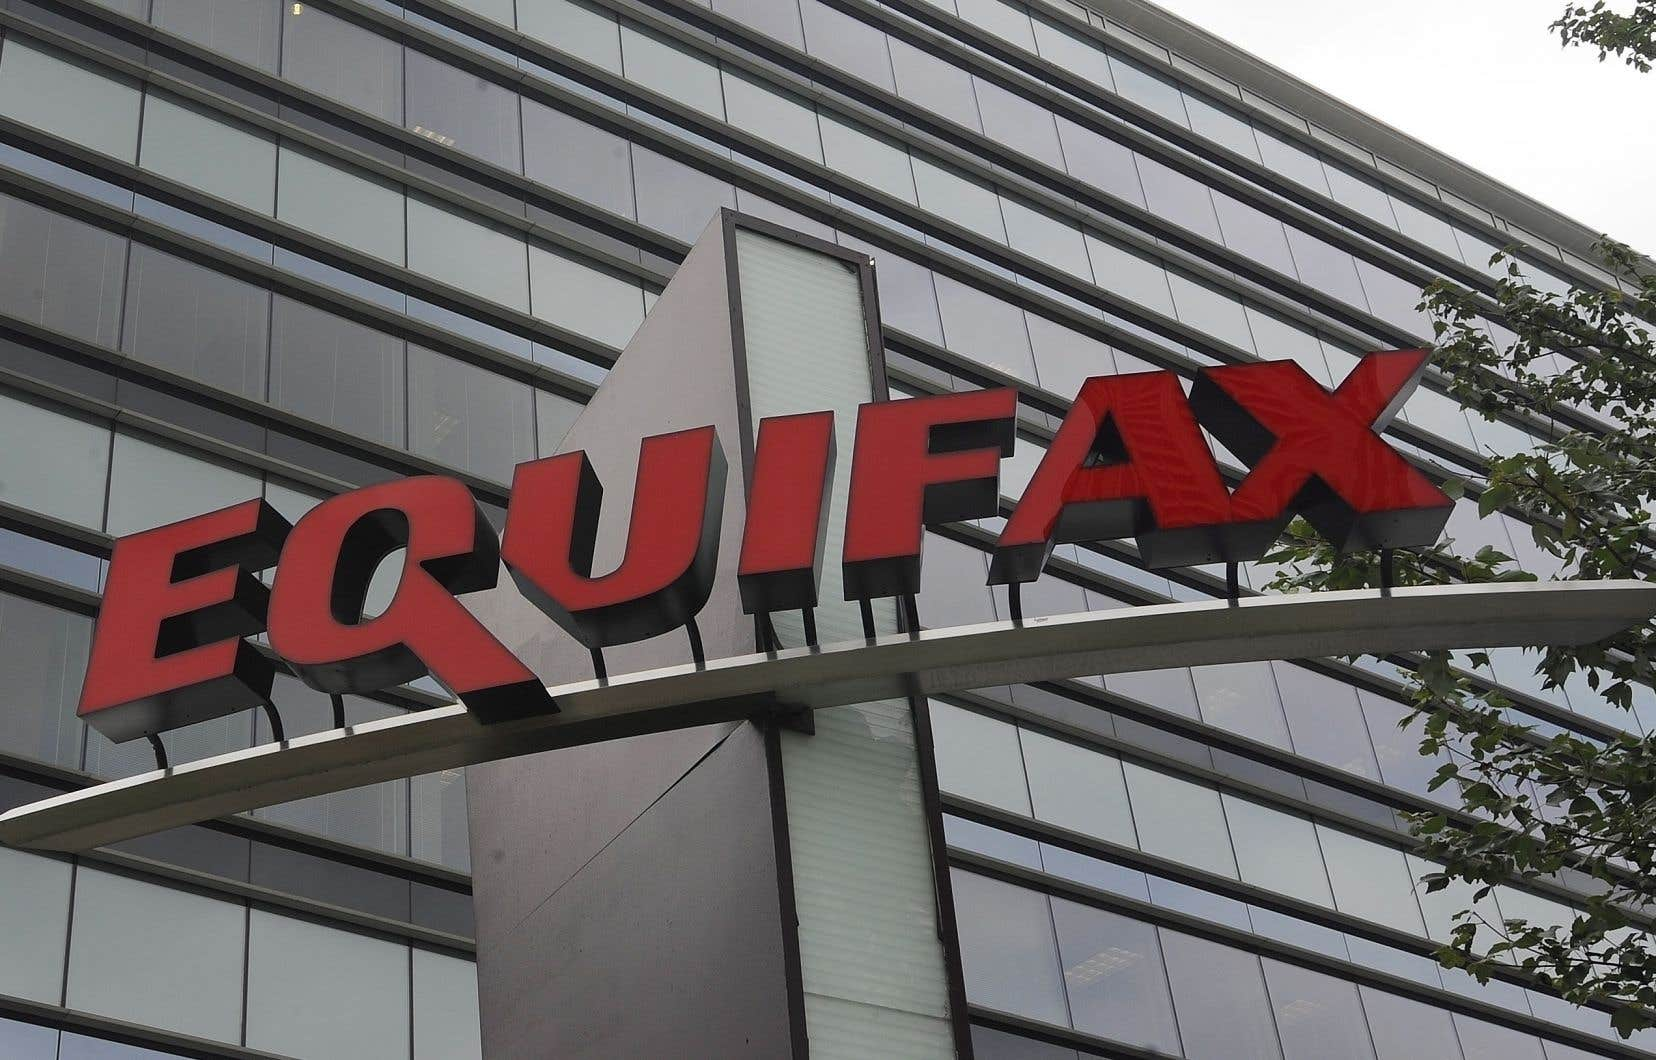 Les actions d'Equifax ont légèrement fléchi avant la cloche d'ouverture des marchés.